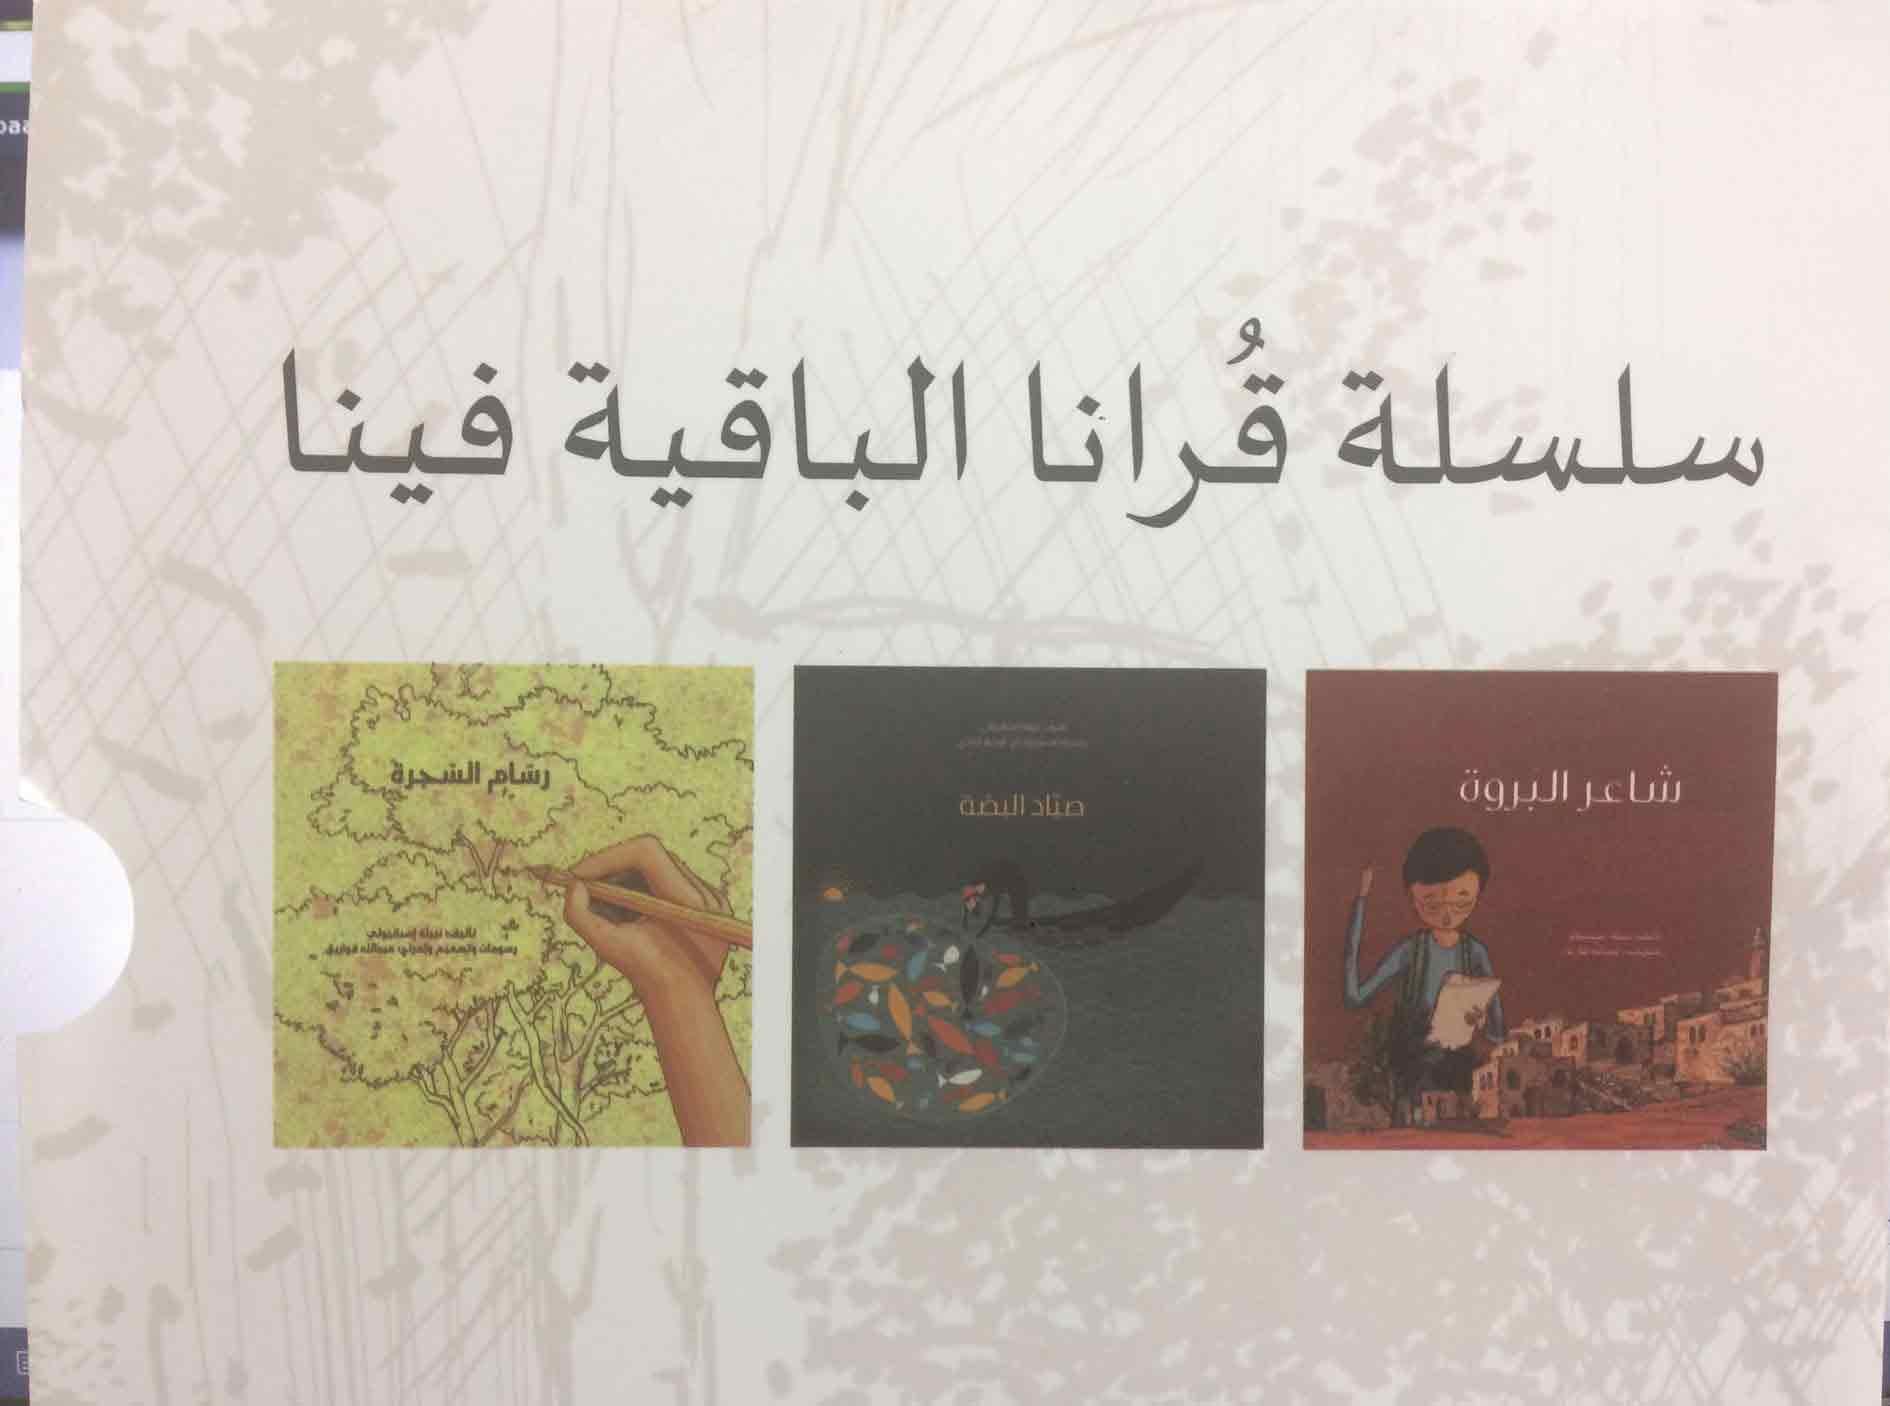 سلسلة قرانا الباقية فينا: أزهار في الصحراء